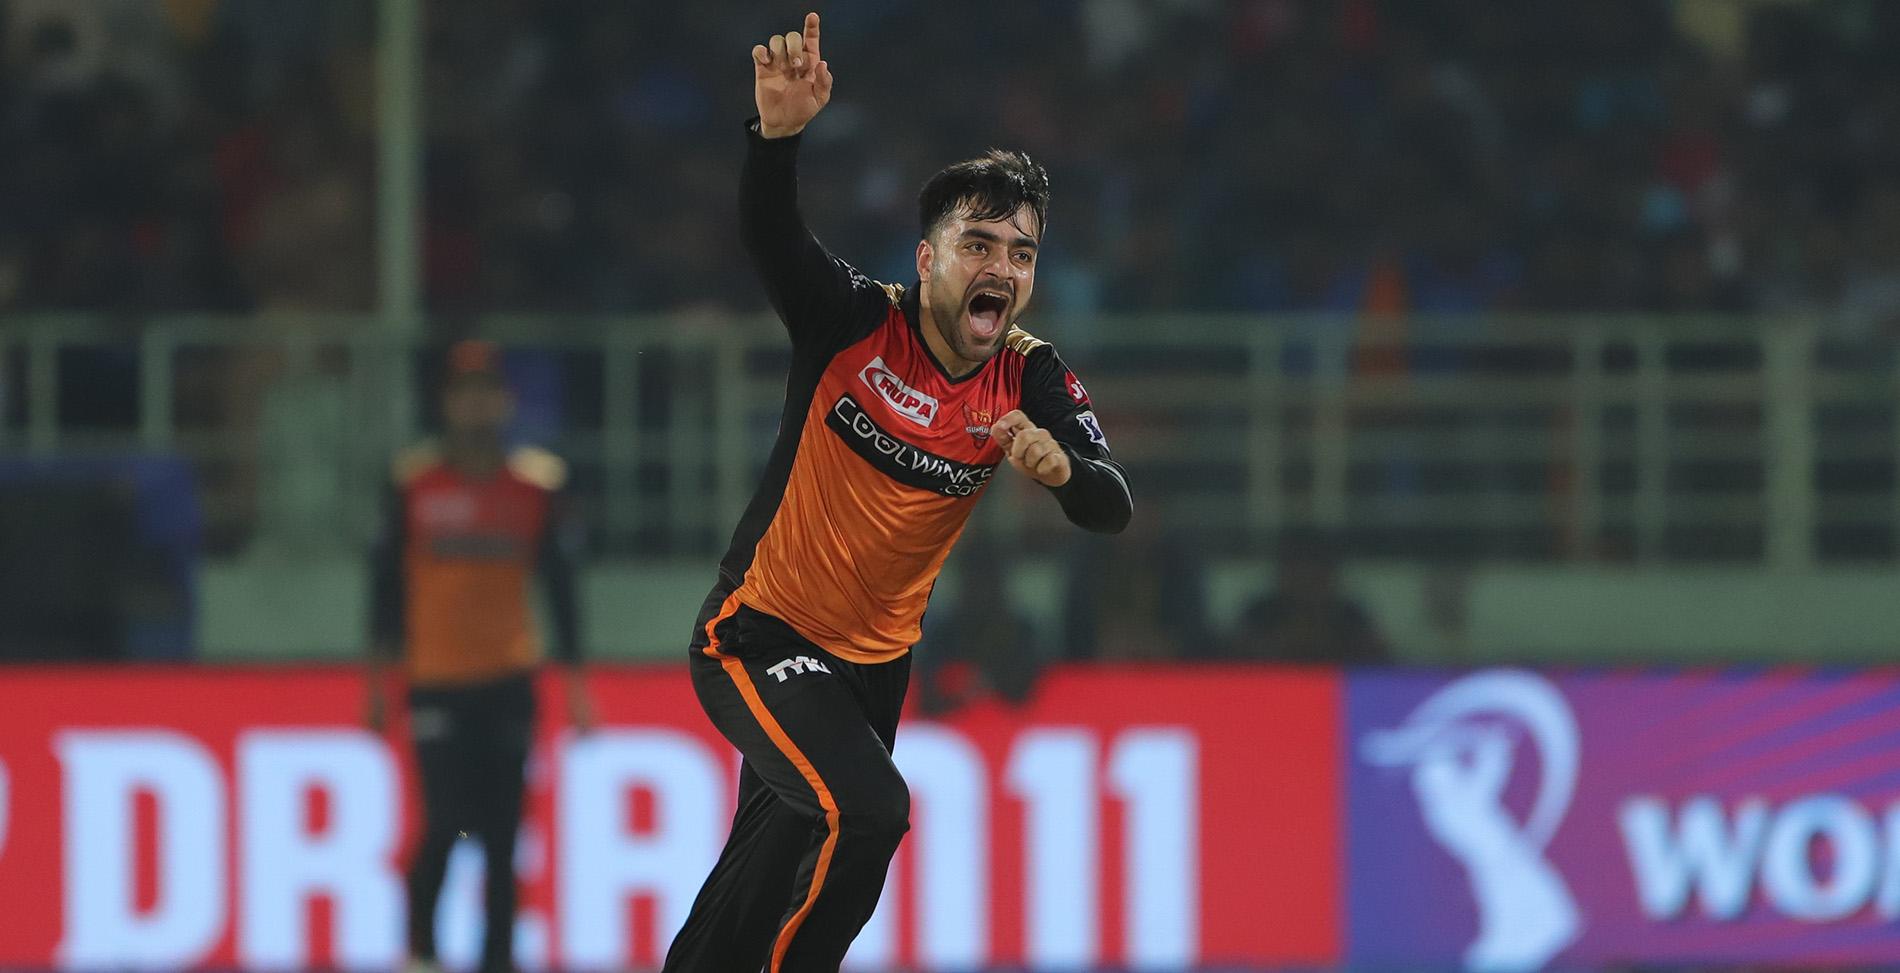 सनराइजर्स हैदराबाद के राशिद खान अब बने इस टी-20 टीम का हिस्सा, खुद दी जानकारी 6